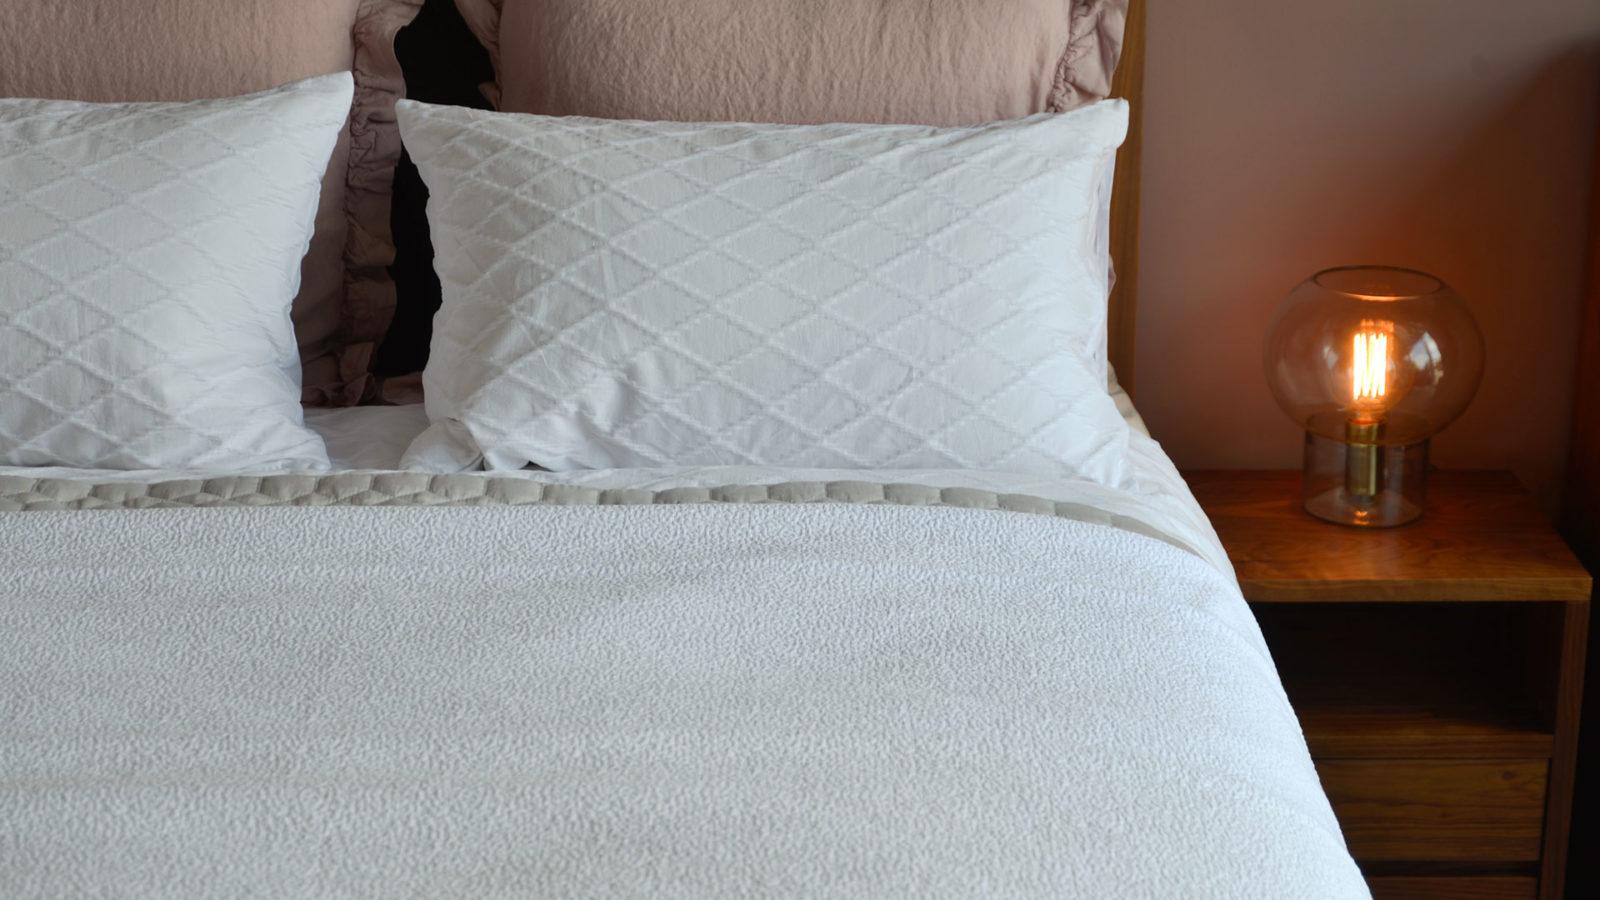 white textured bedspread